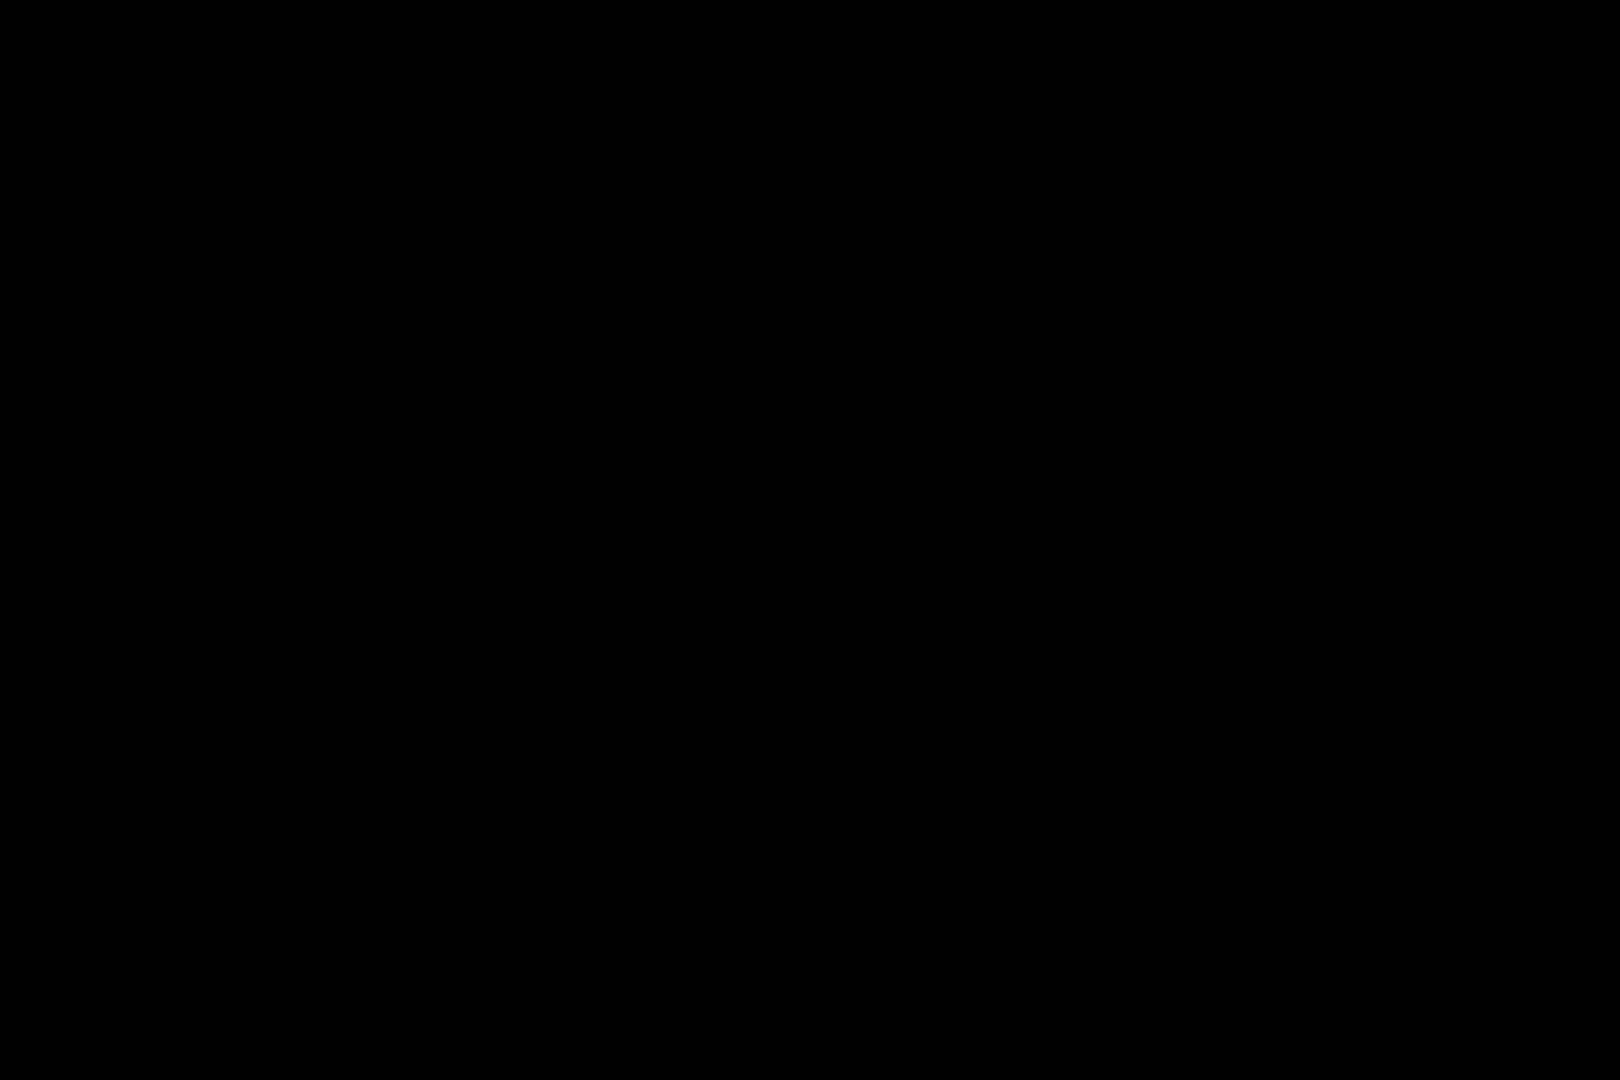 充血監督の深夜の運動会Vol.105 車 | ラブホテル  82pic 26